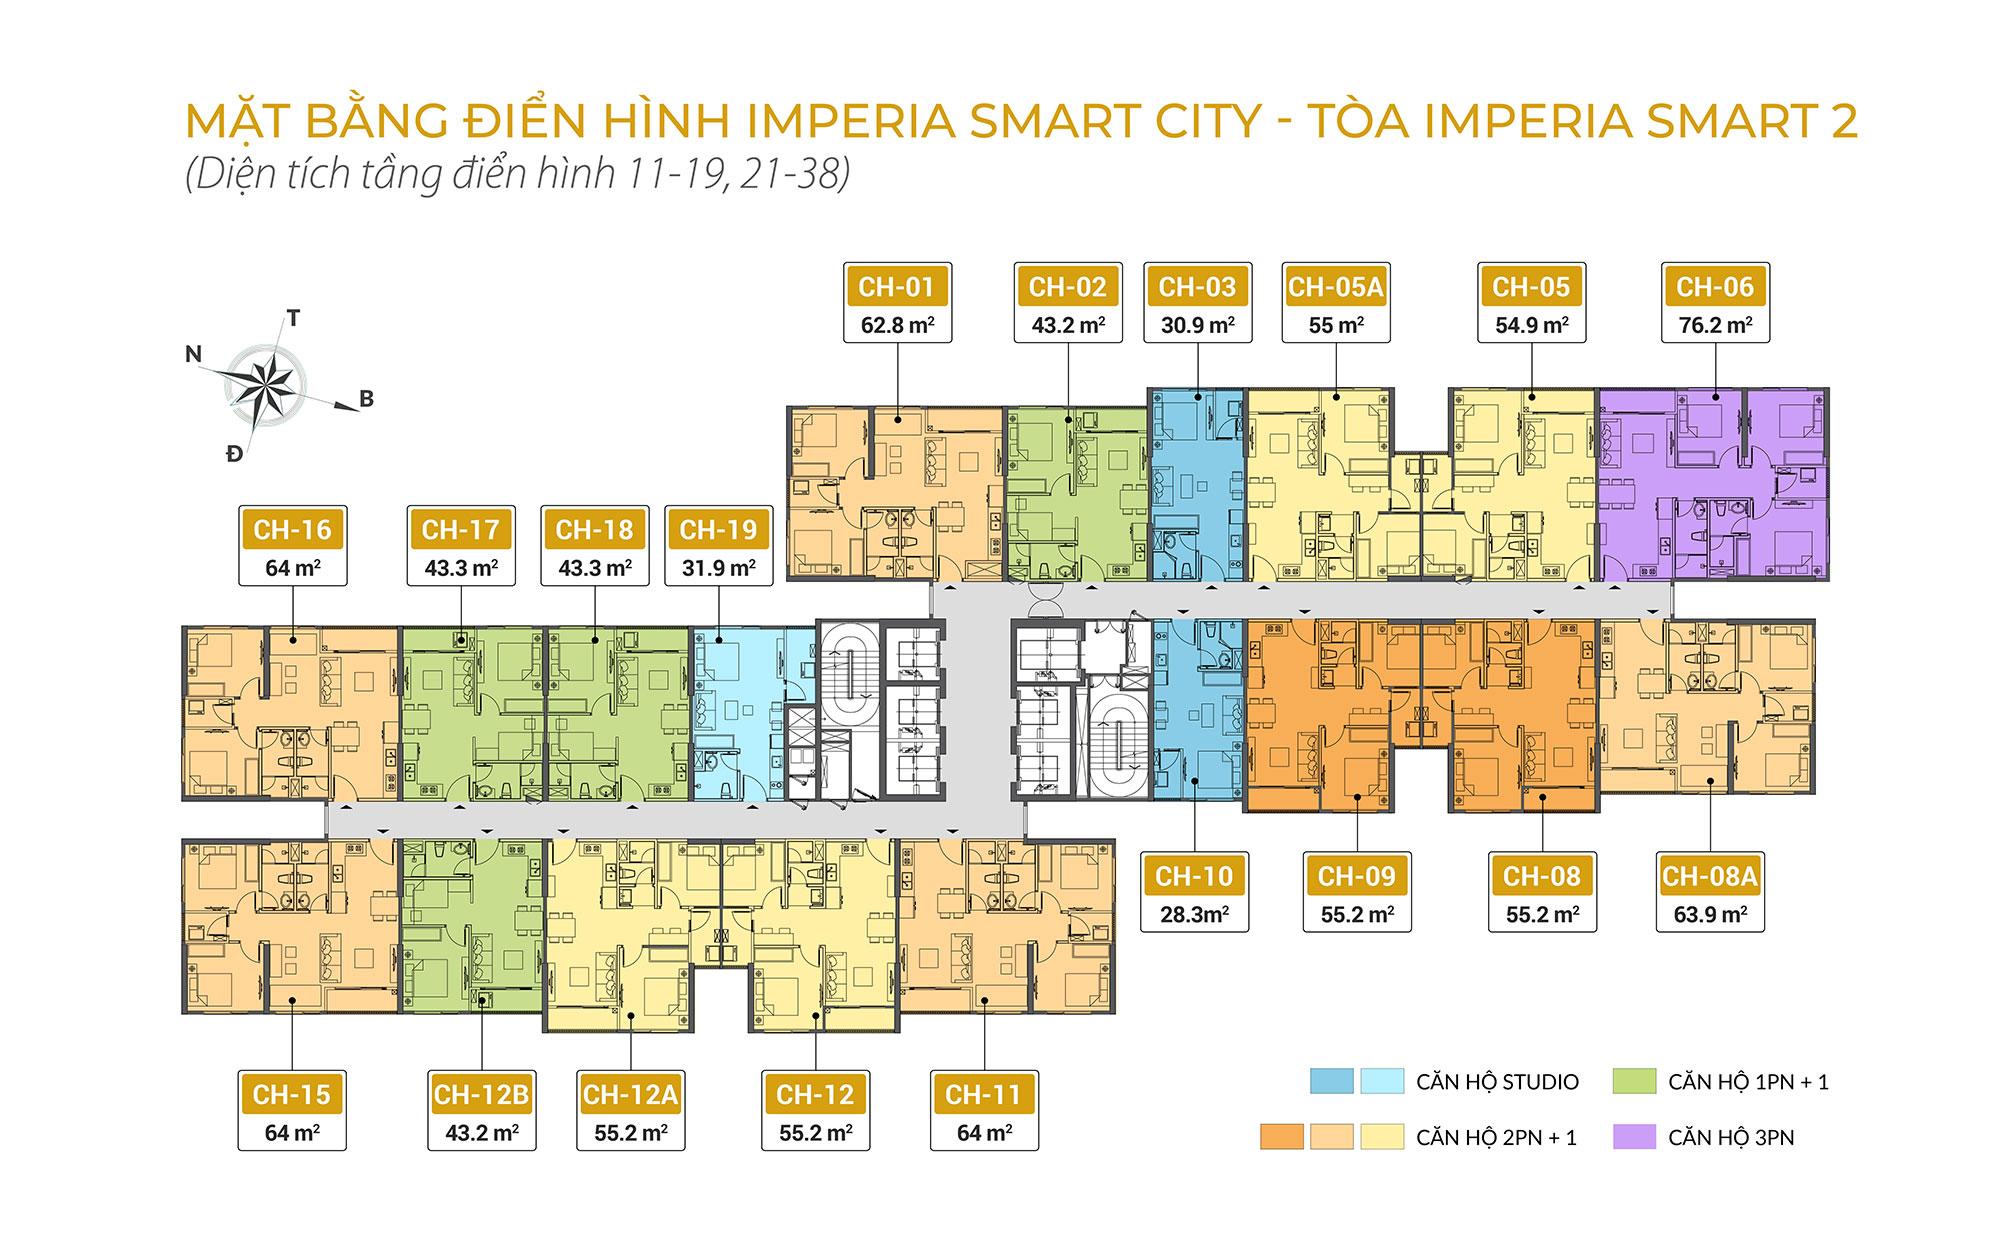 mat-bang-tang-11-19-21-38-toa-imperia-smart-2-imperia-smart-city